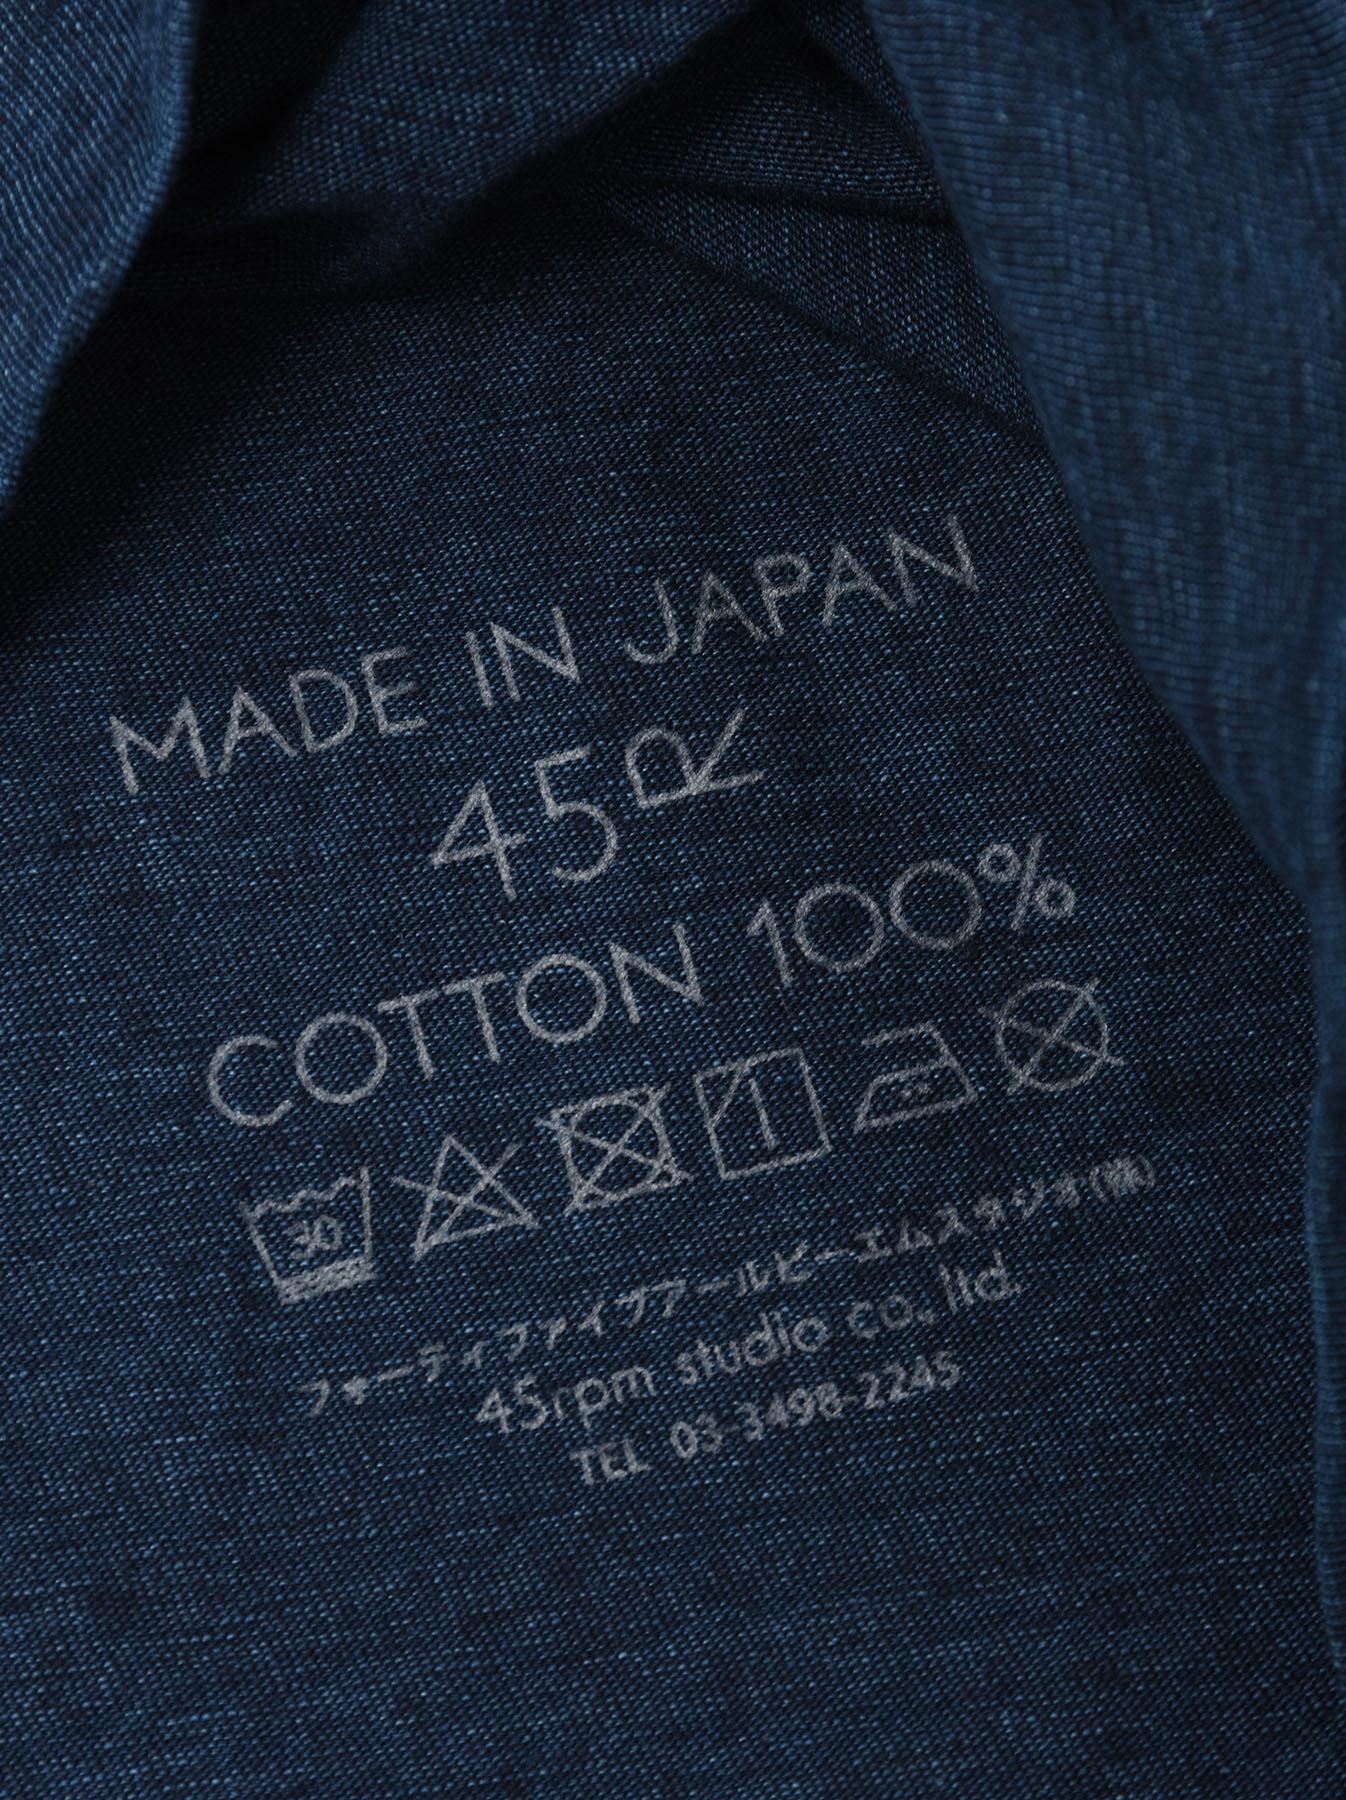 Indigo Zimbabwe Cotton Square T-shirt-11